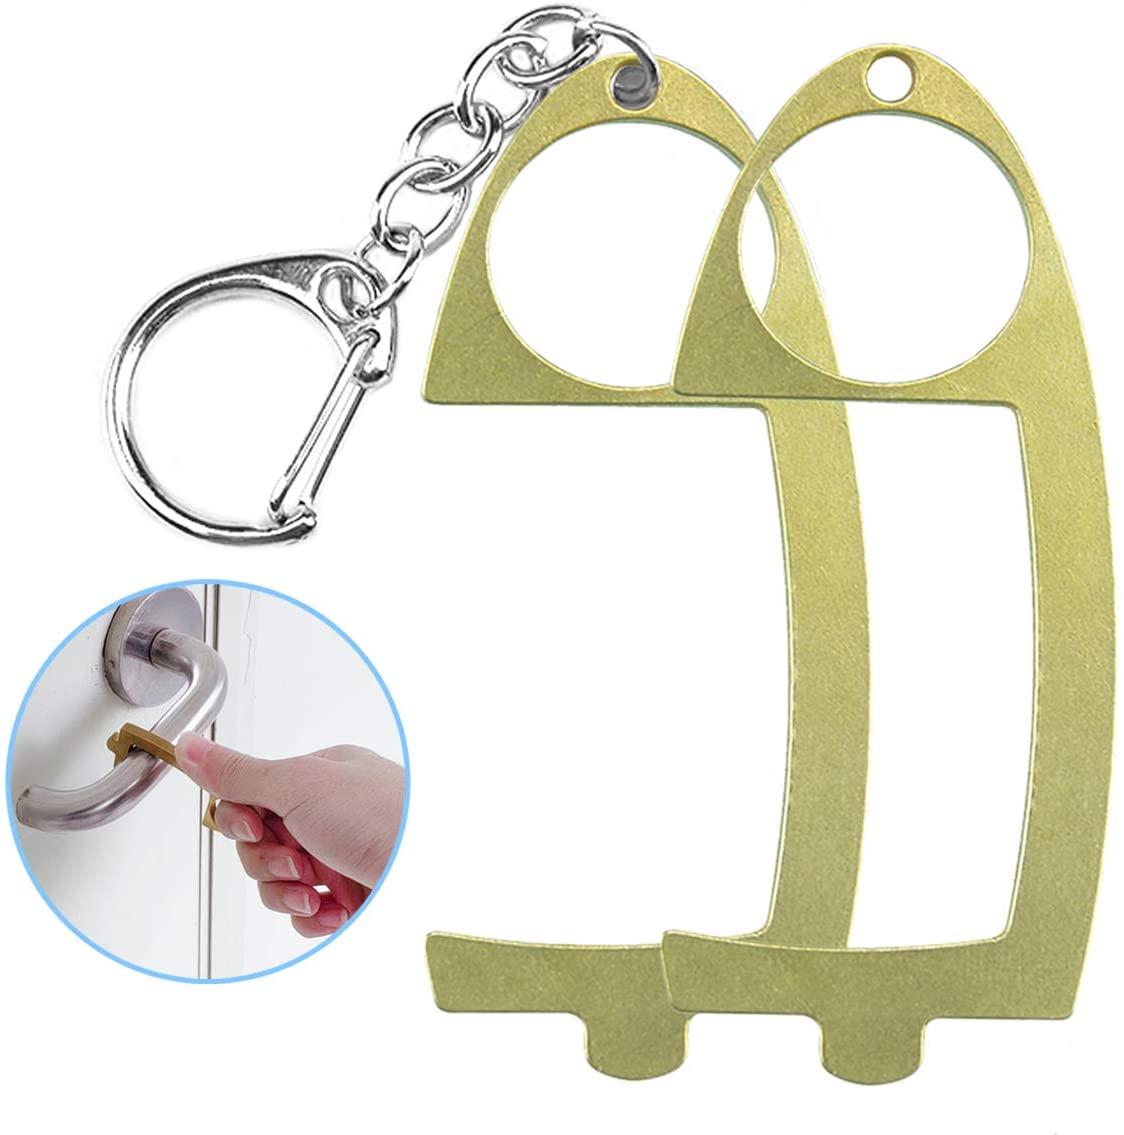 AOYOO No Touch Door Opener EDC Door Opener, Door Opener, Sanitary Hands, Non-Contact Brass Key Tool, Outdoor Public Non-Contact Key Chain Tool, Keep Hands Clean to Prevent Bacterial Infection